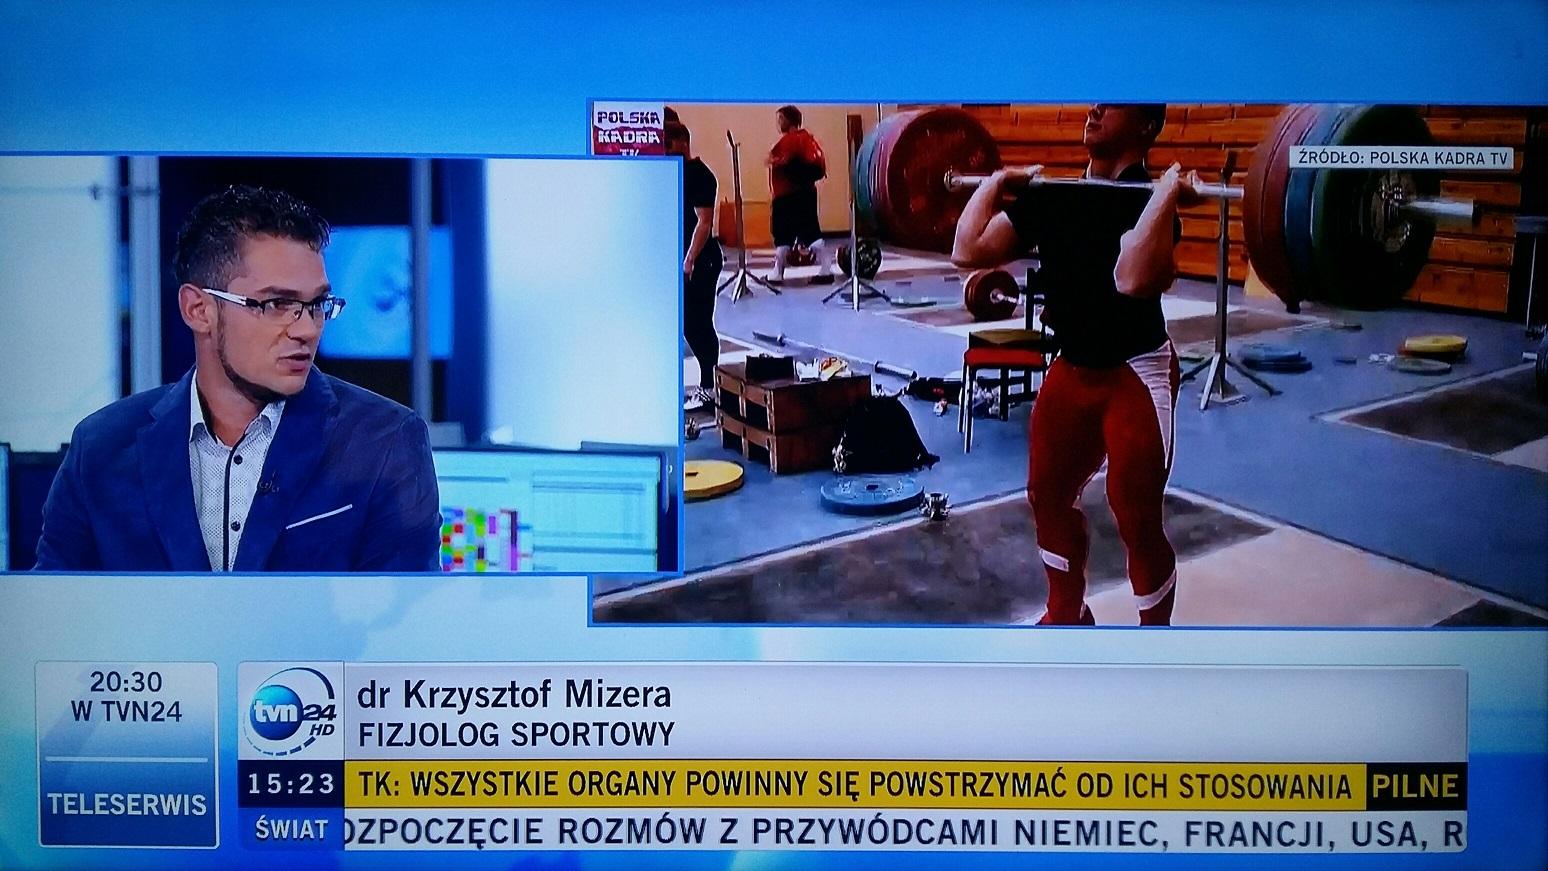 Krzysztof Mizera - fizjolog, dietetyk sportowy